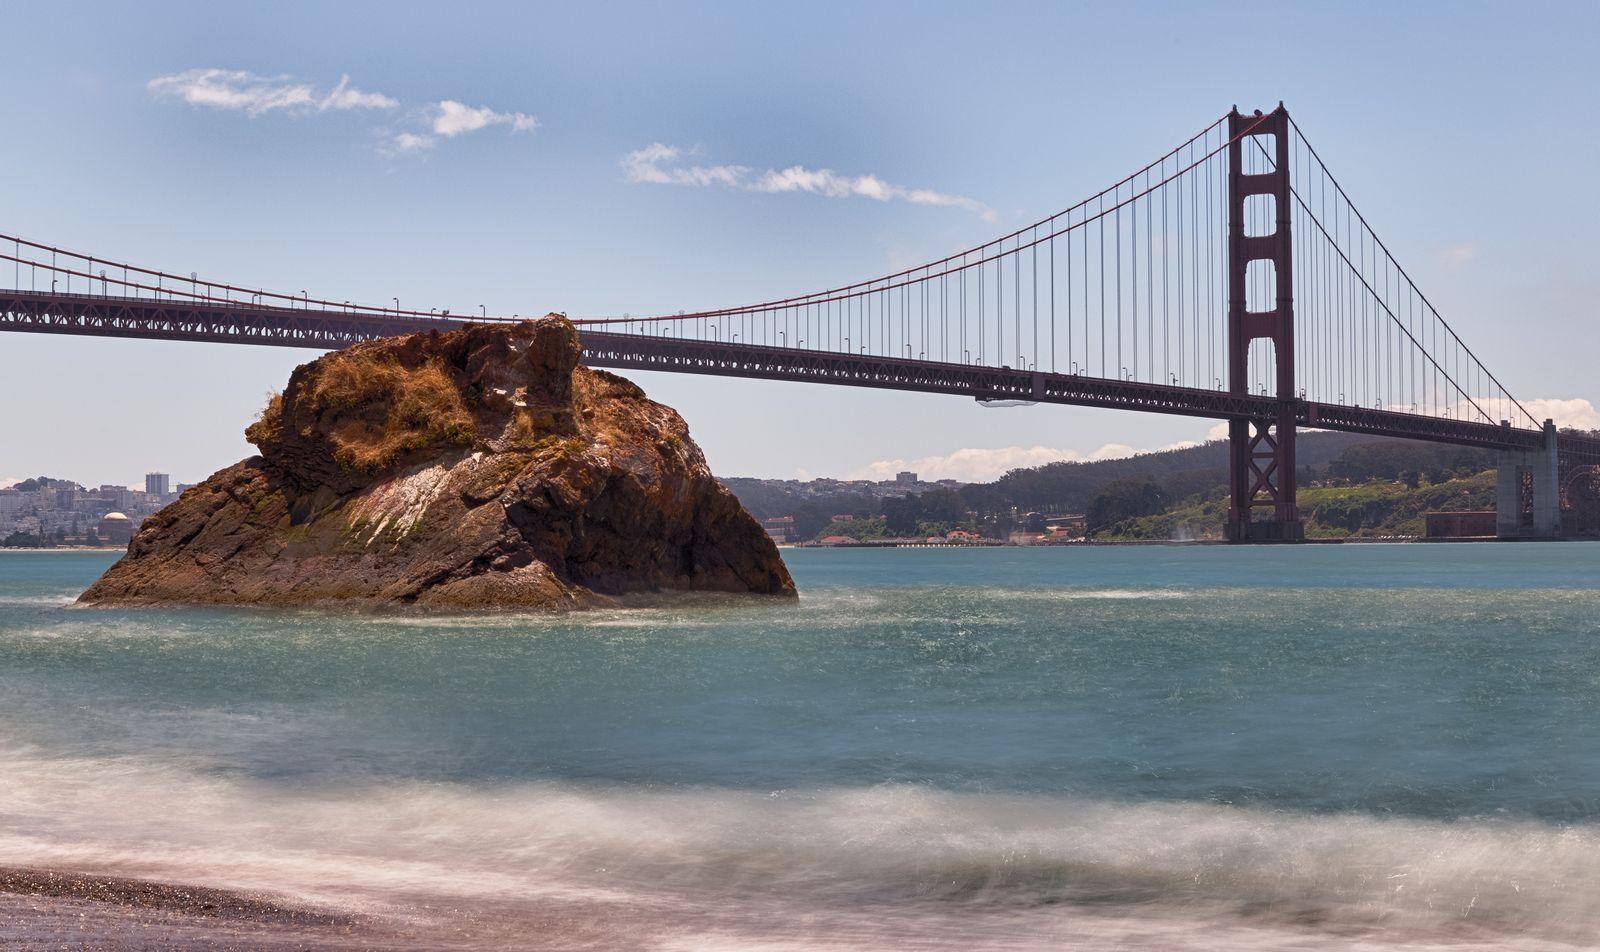 El puente, ahora por encima de nuestras cabezas